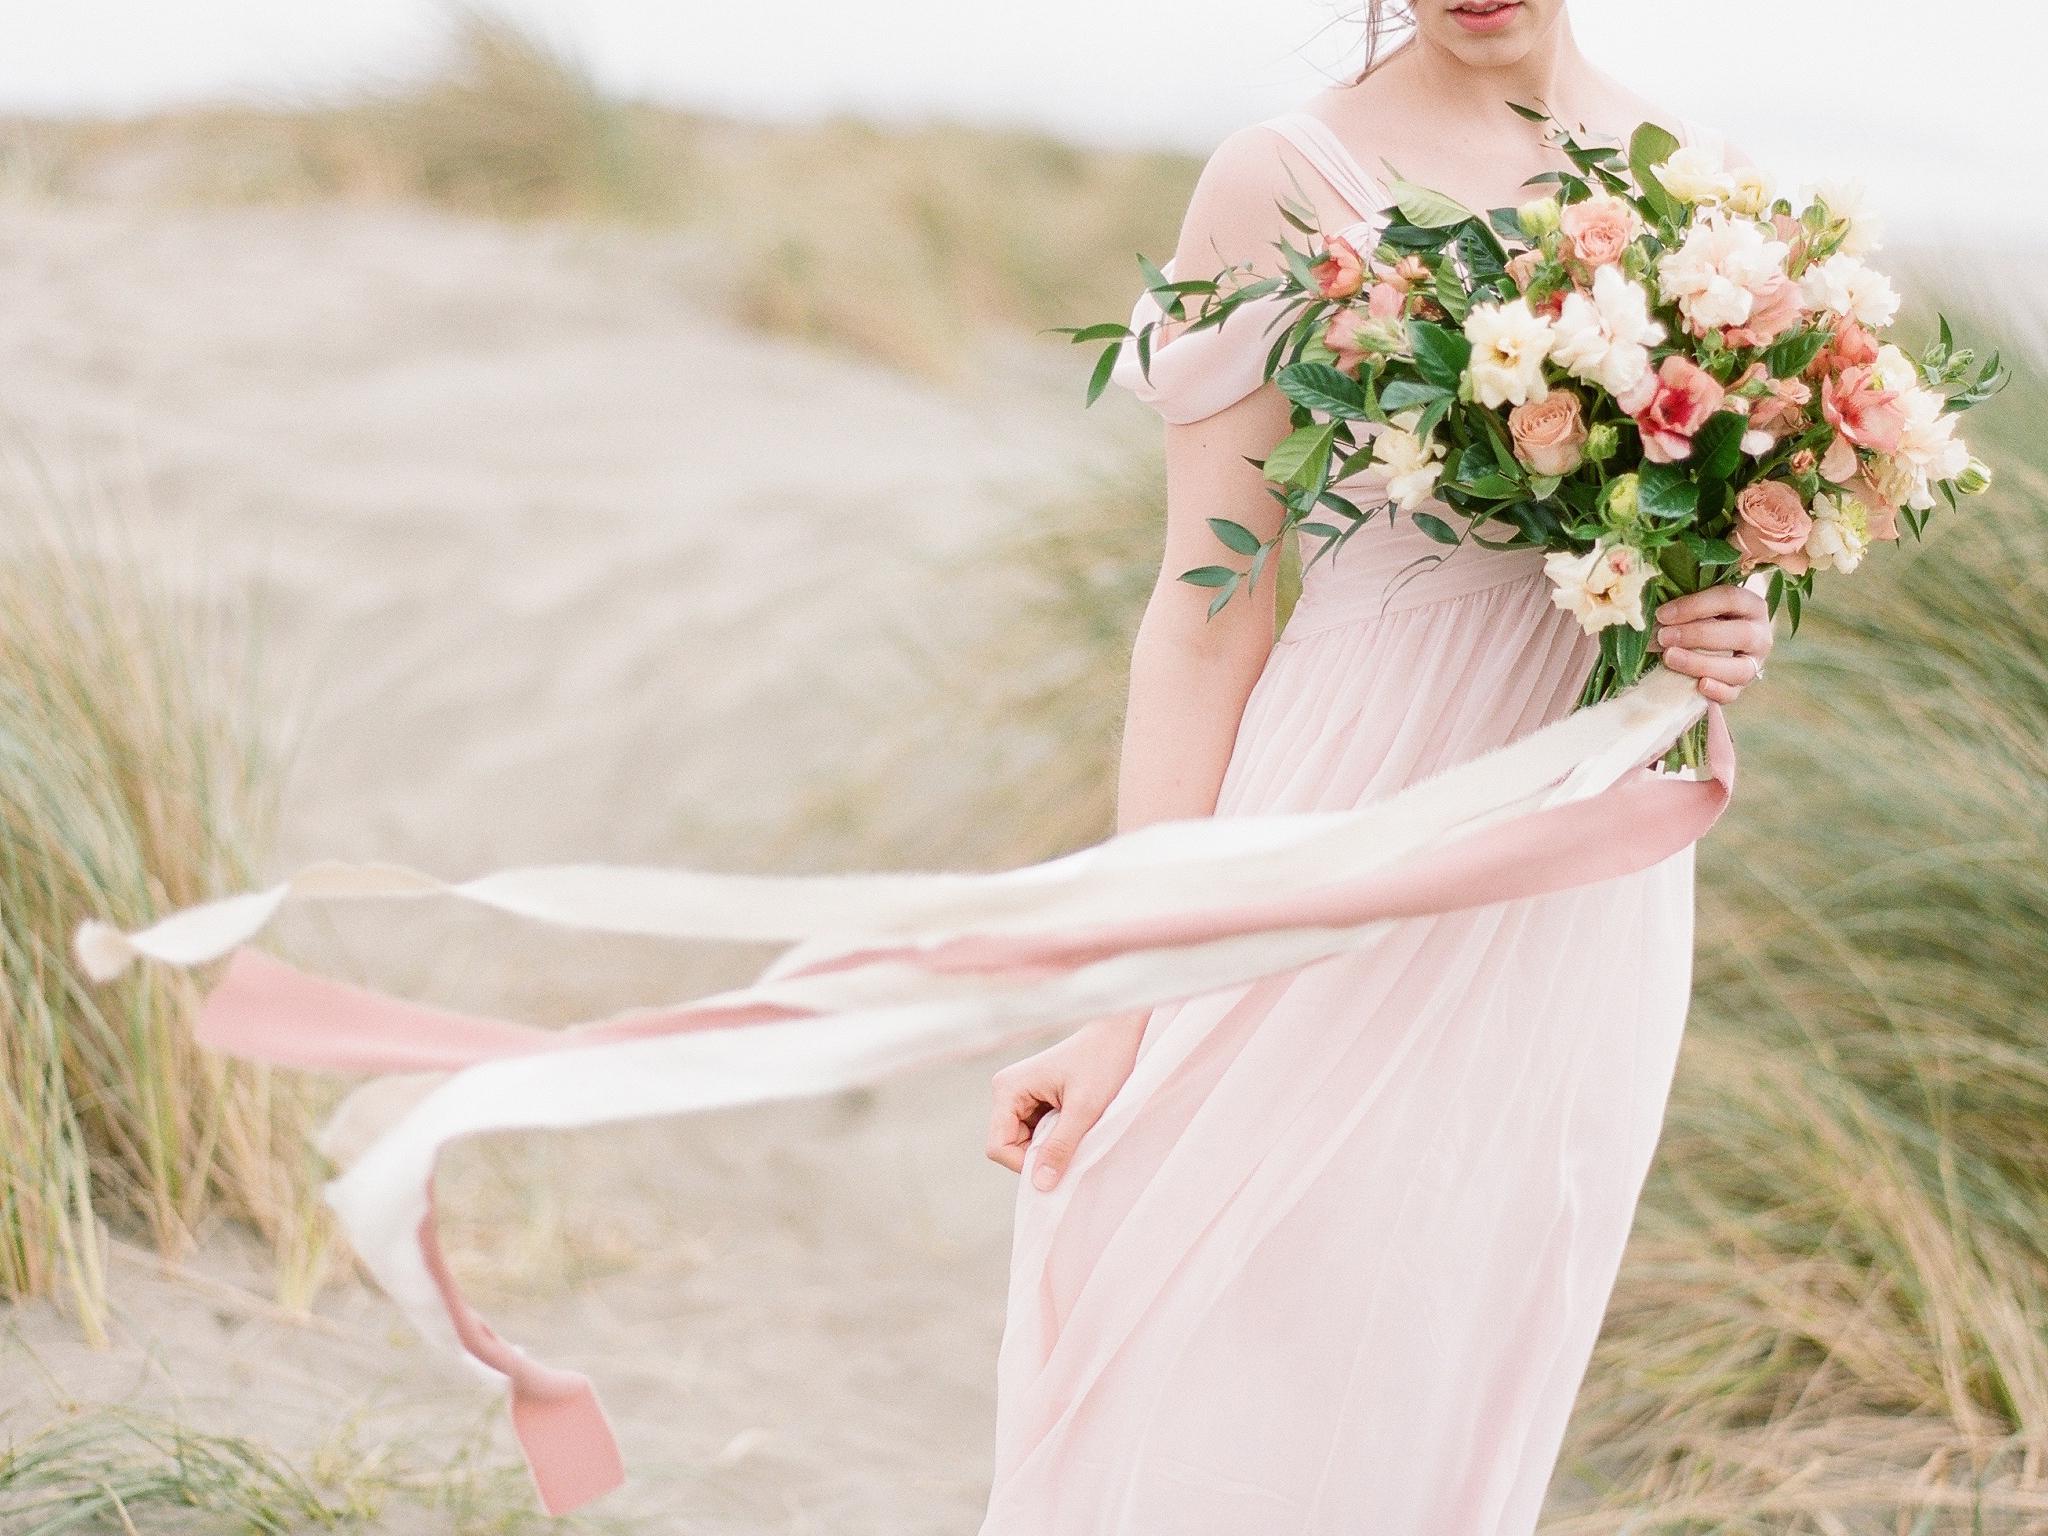 Muave bridal bouquet